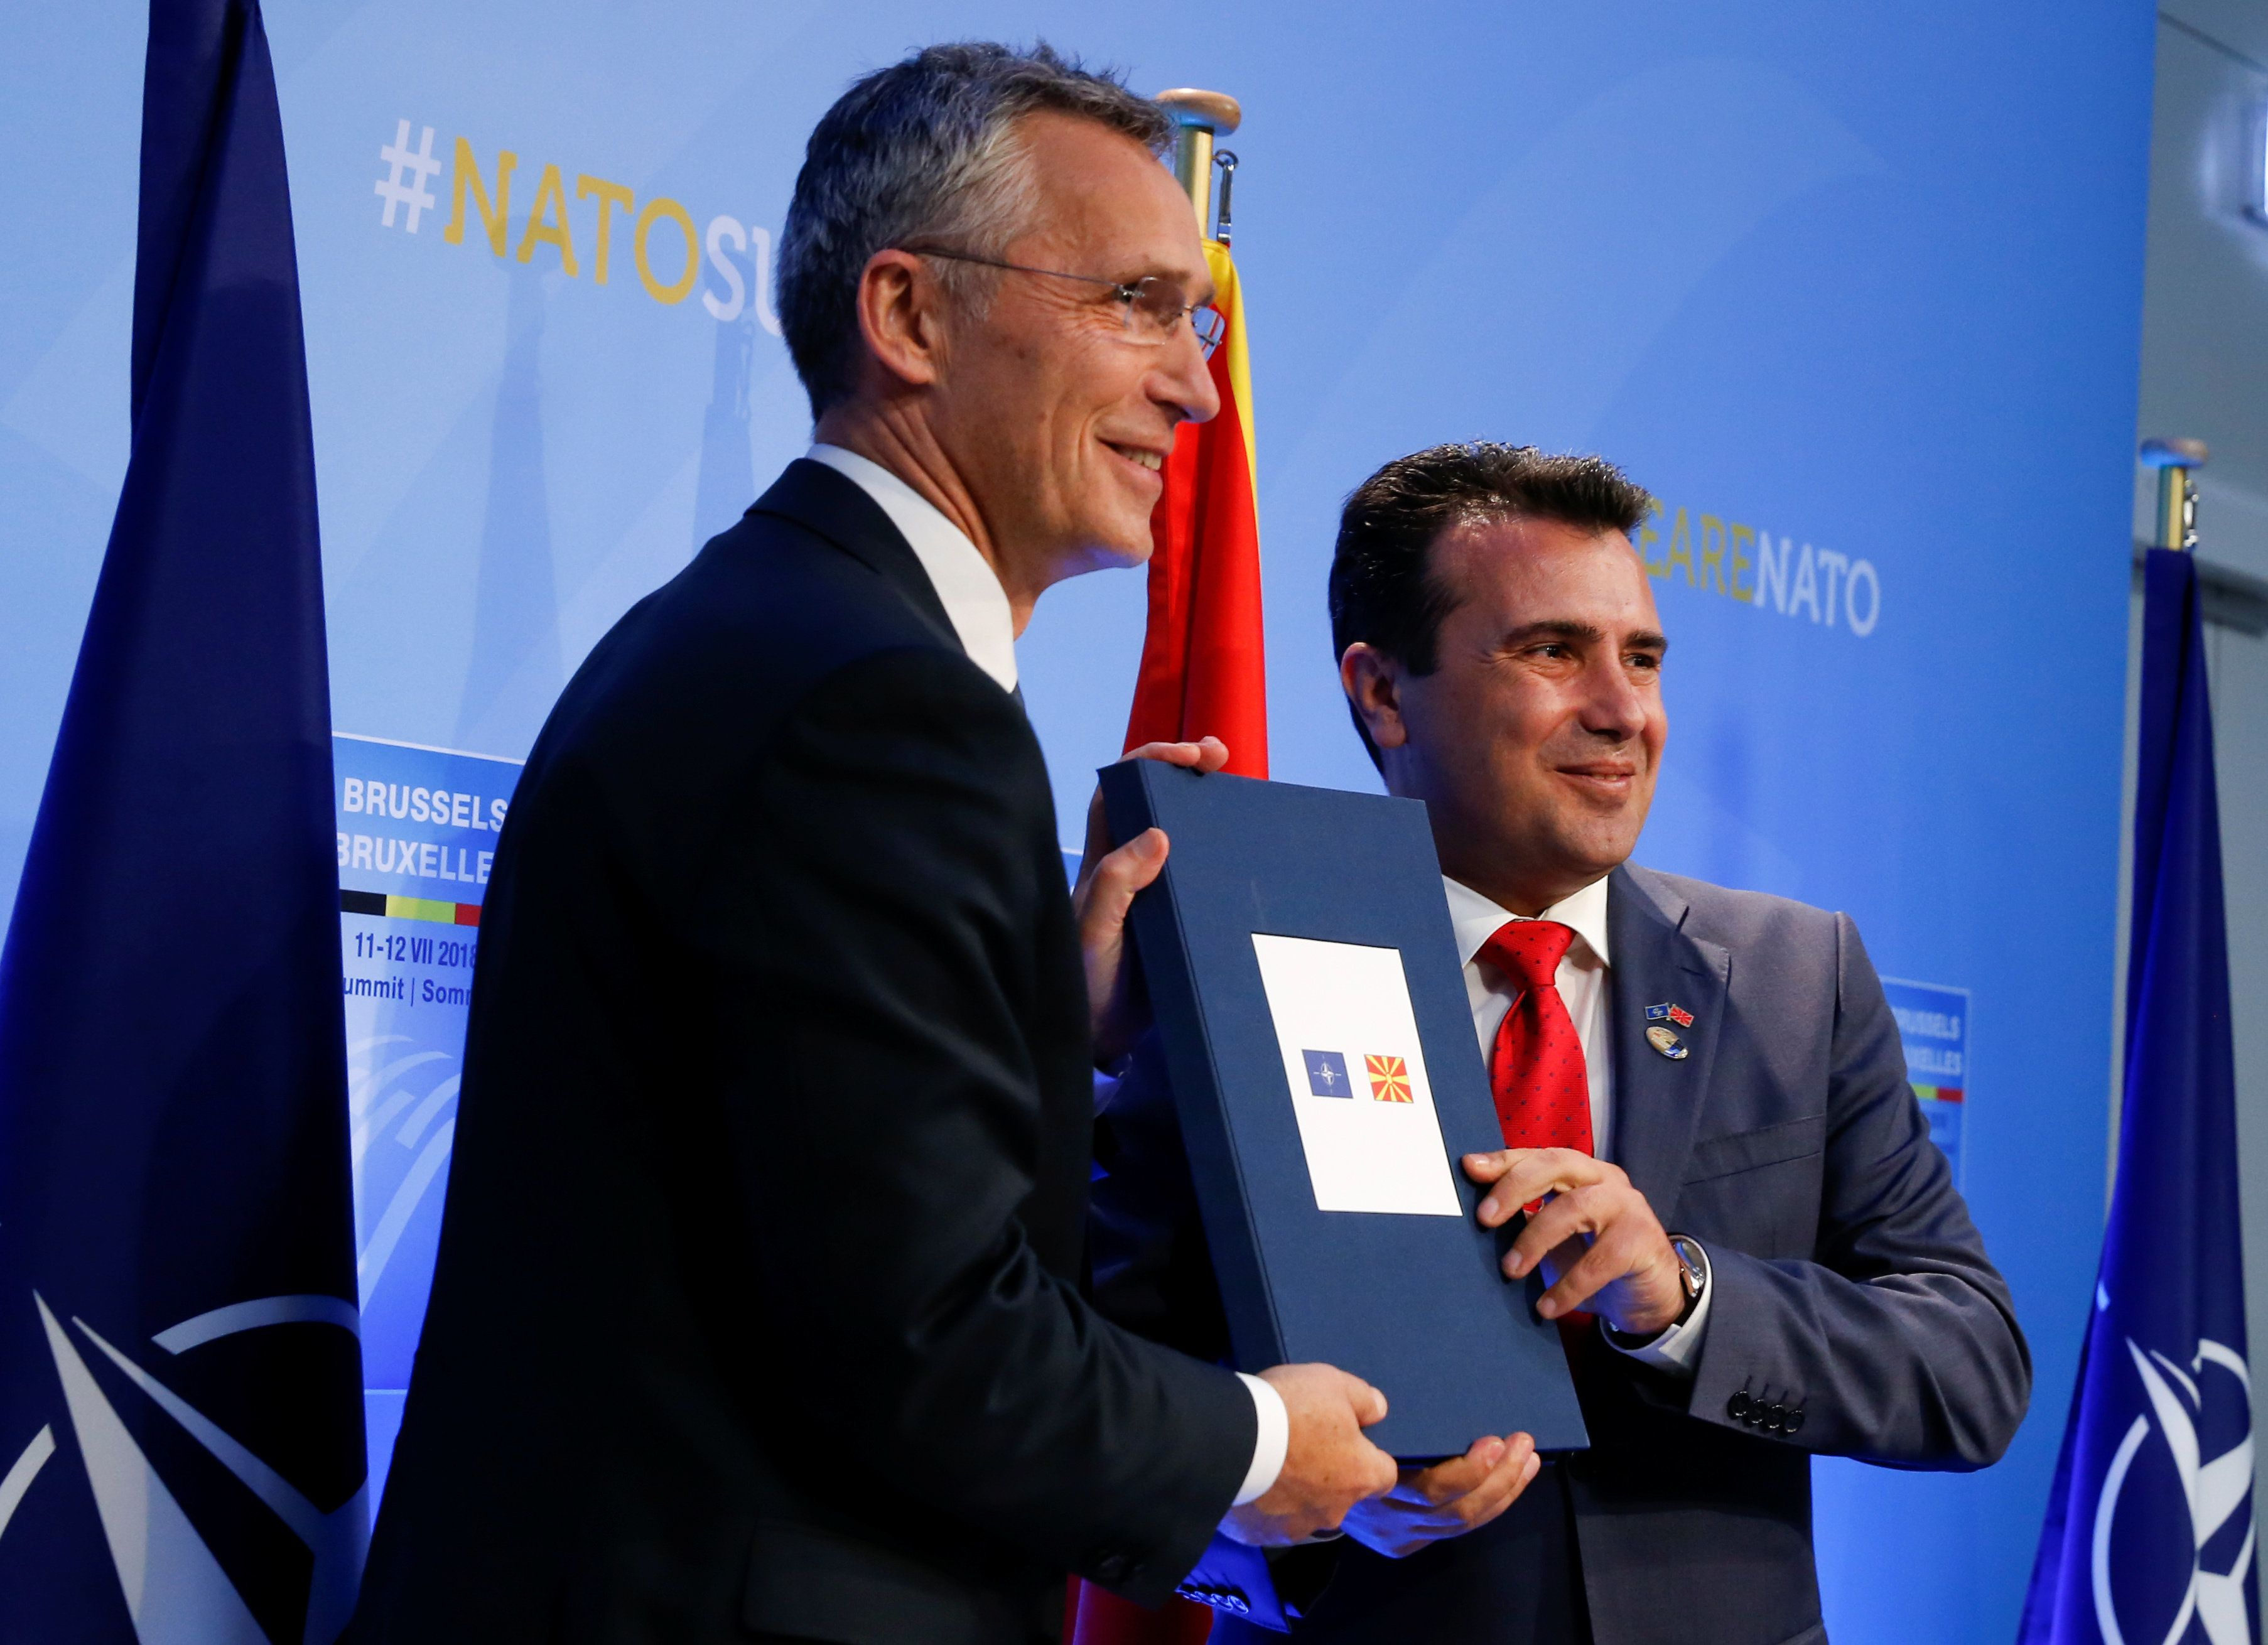 Πρόσκληση για έναρξη των συνομιλιών ένταξης της ΠΓΔΜ έδωσε ο γγ του ΝΑΤΟ στον Ζόραν